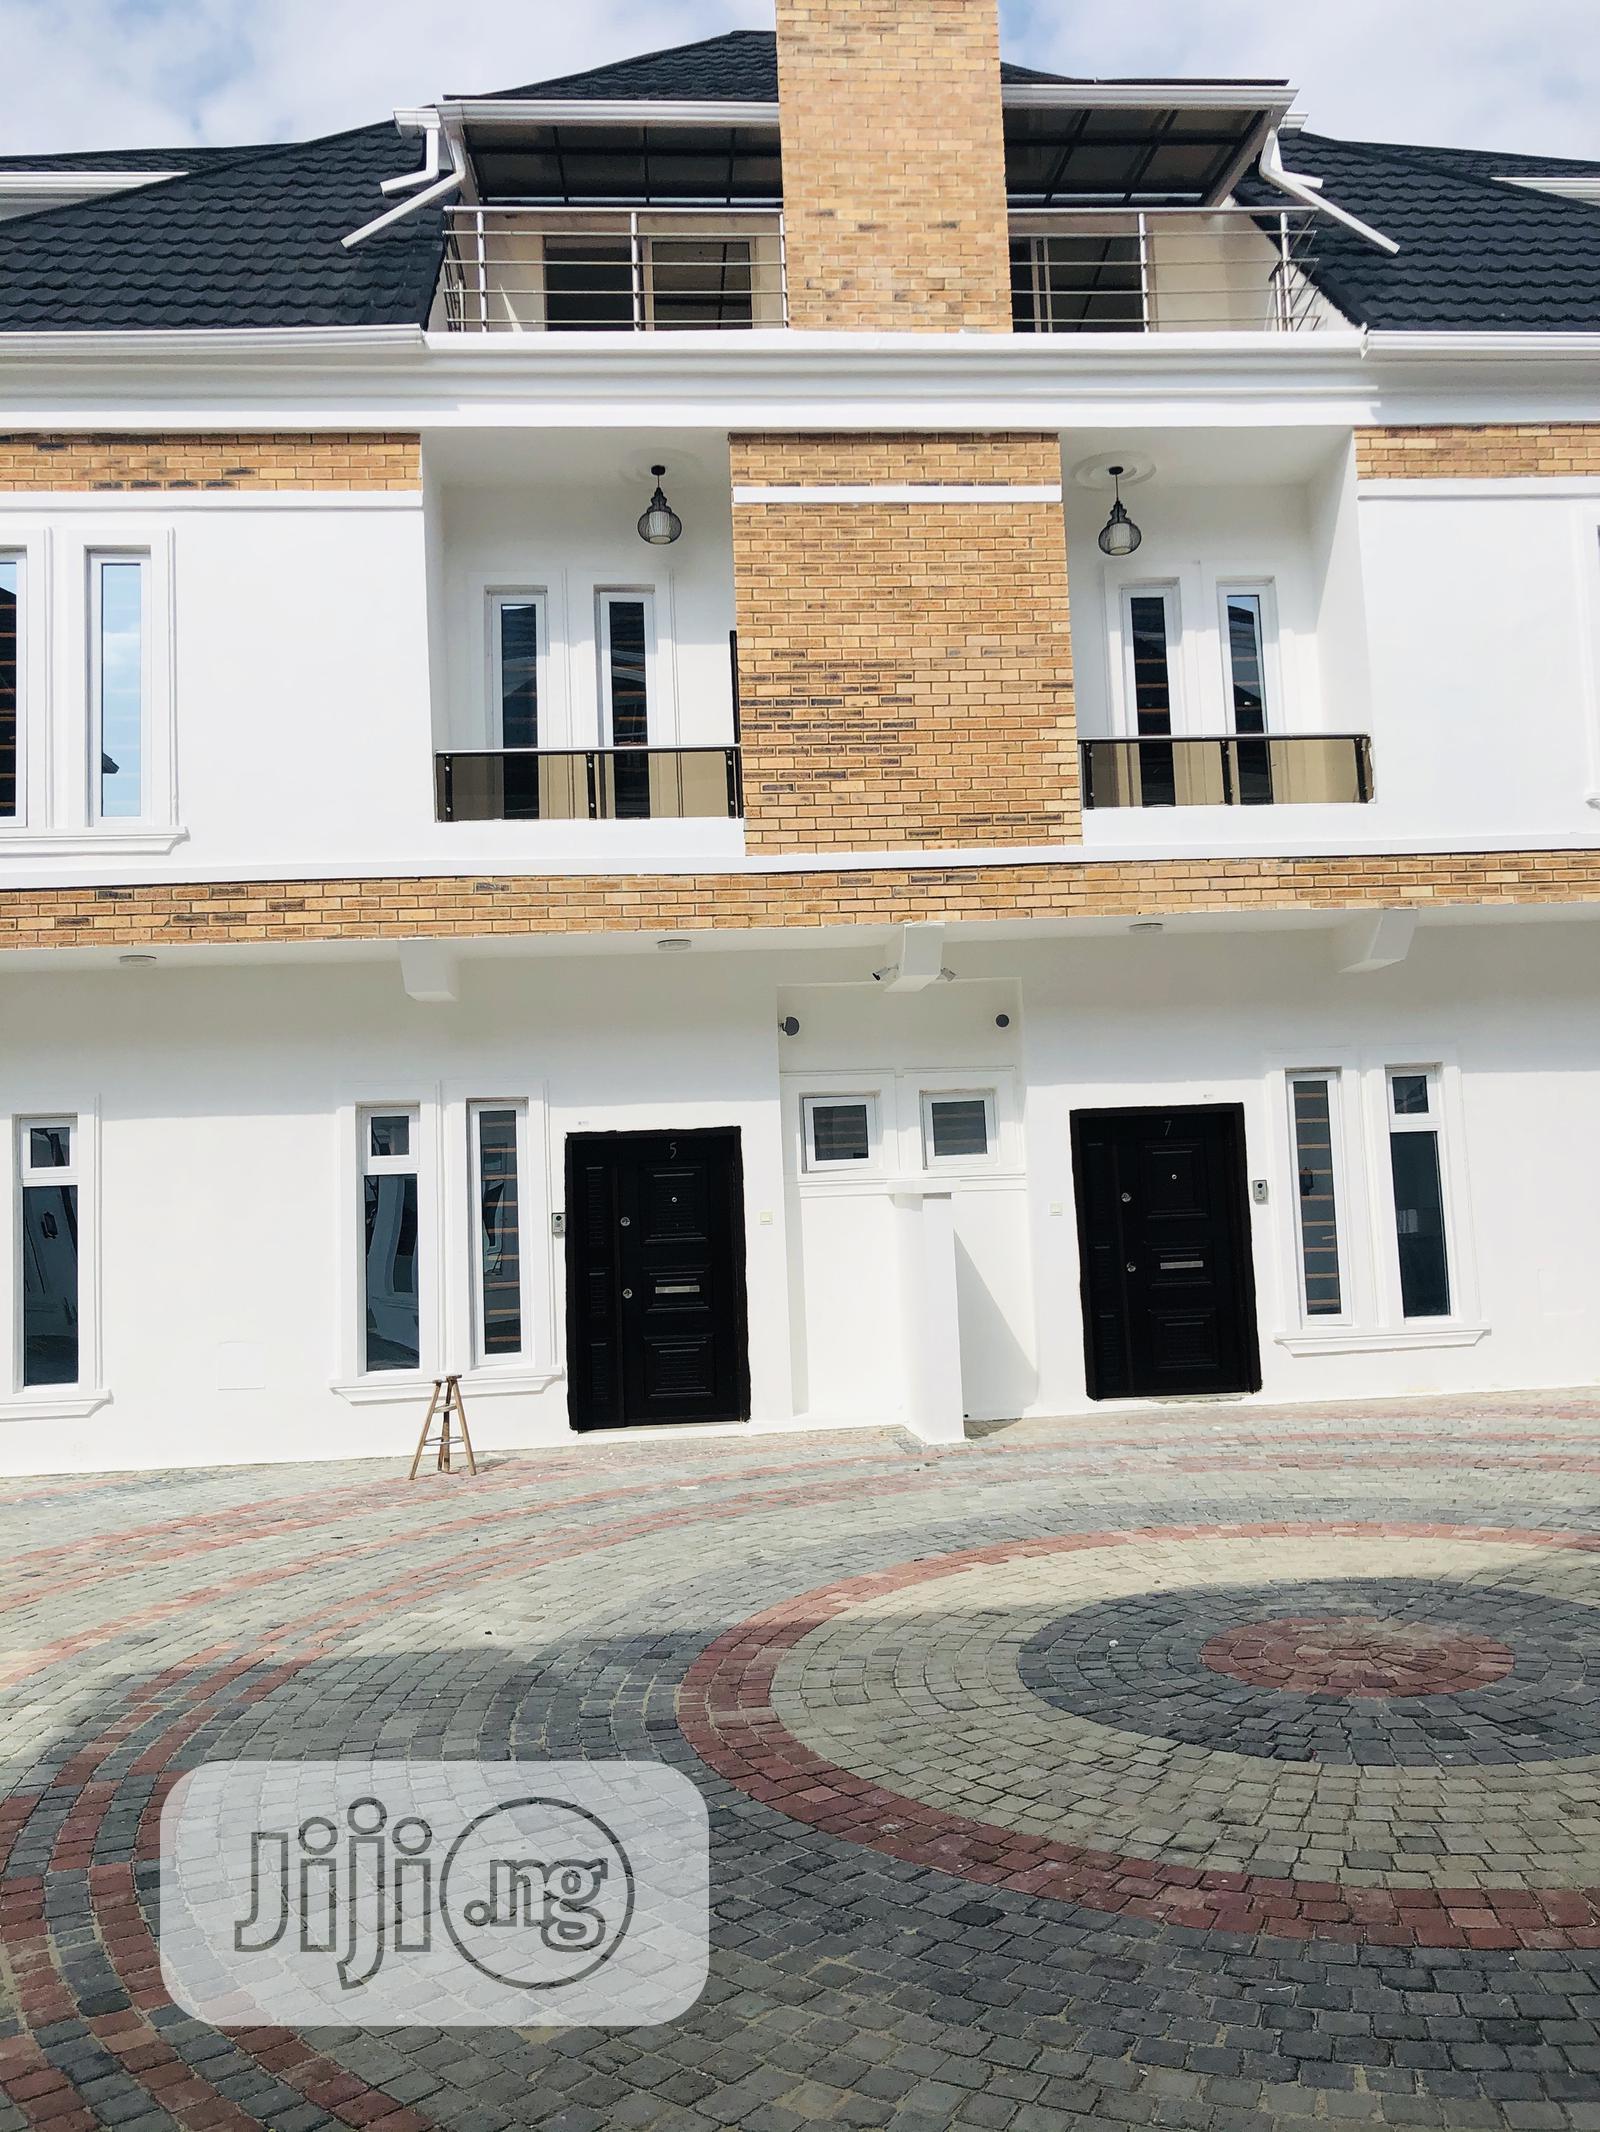 5 & 4 Bedroom Duplexes For Rent